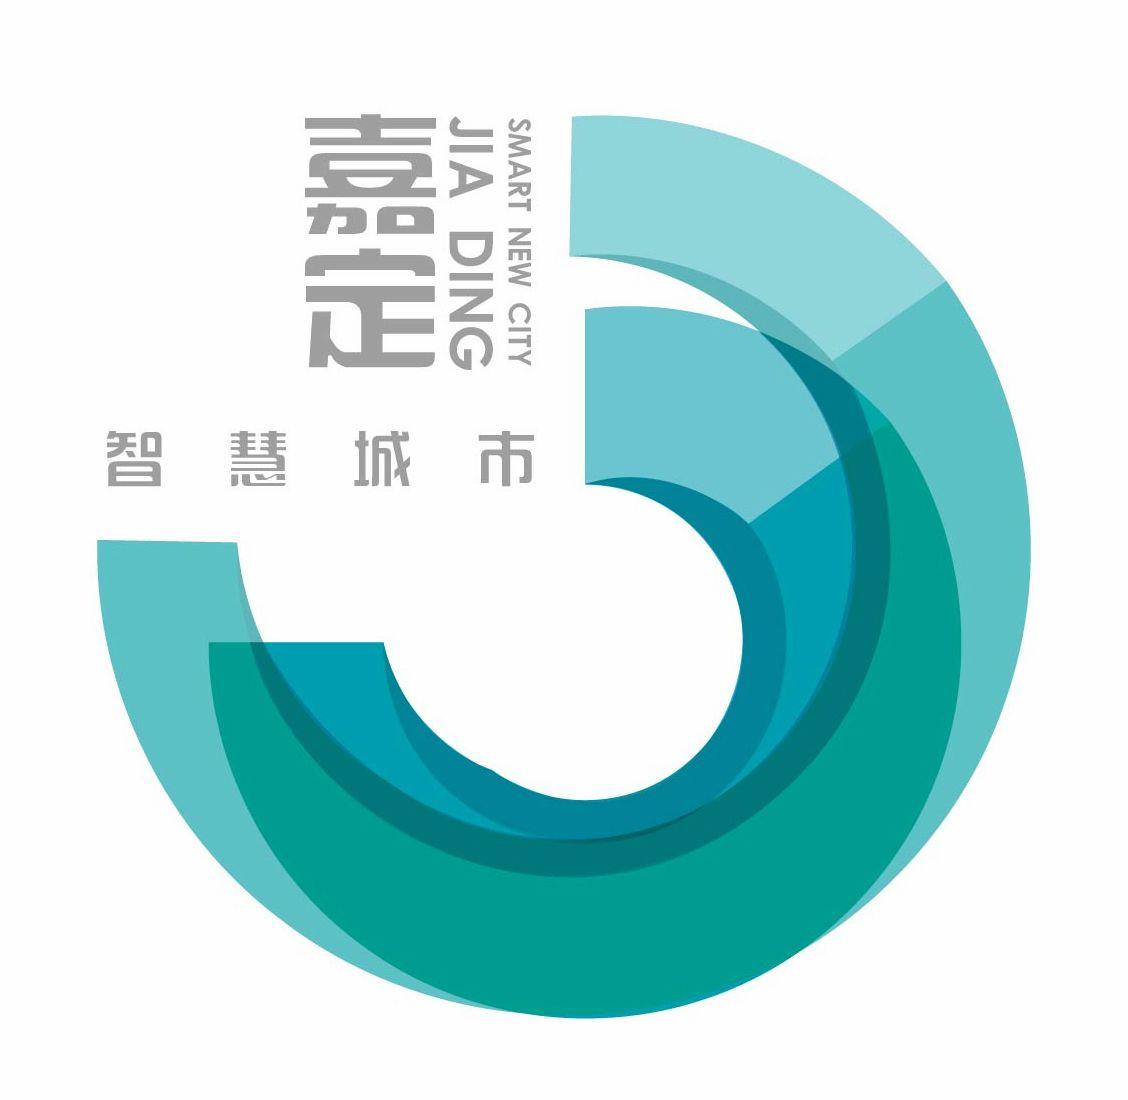 """2012年5月8日下午,由上海市嘉定科学技术委员会领导、嘉定新城发展有限公司领导,以及多位国内著名视觉设计师专家评审所组成的评审团在嘉定新城发展有限公司,对嘉定新城""""智慧城市""""图标(logo)有奖征集大赛所有163幅参赛作品按照以下评审标准进行了评审: 作品评审要求: 1."""